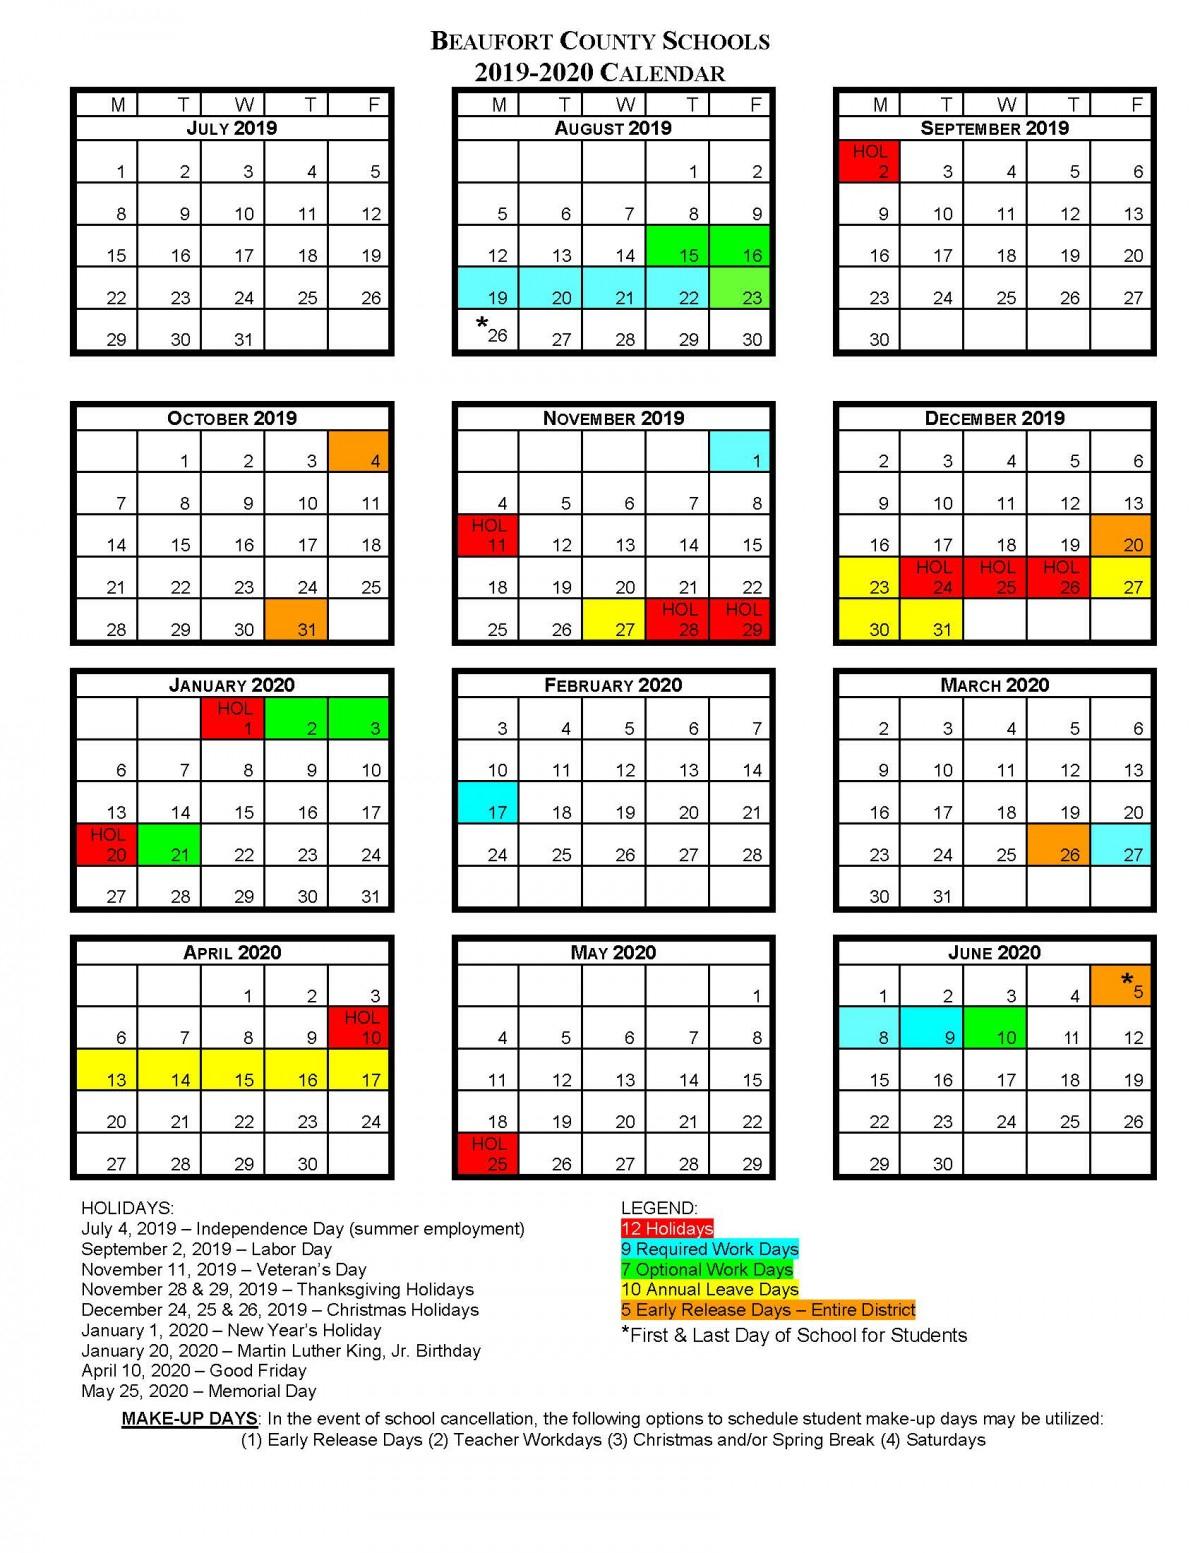 Bcs School Calendars | Beaufort County Schools in 2019- 2020 Academic Calendar Printable Empty Boxes